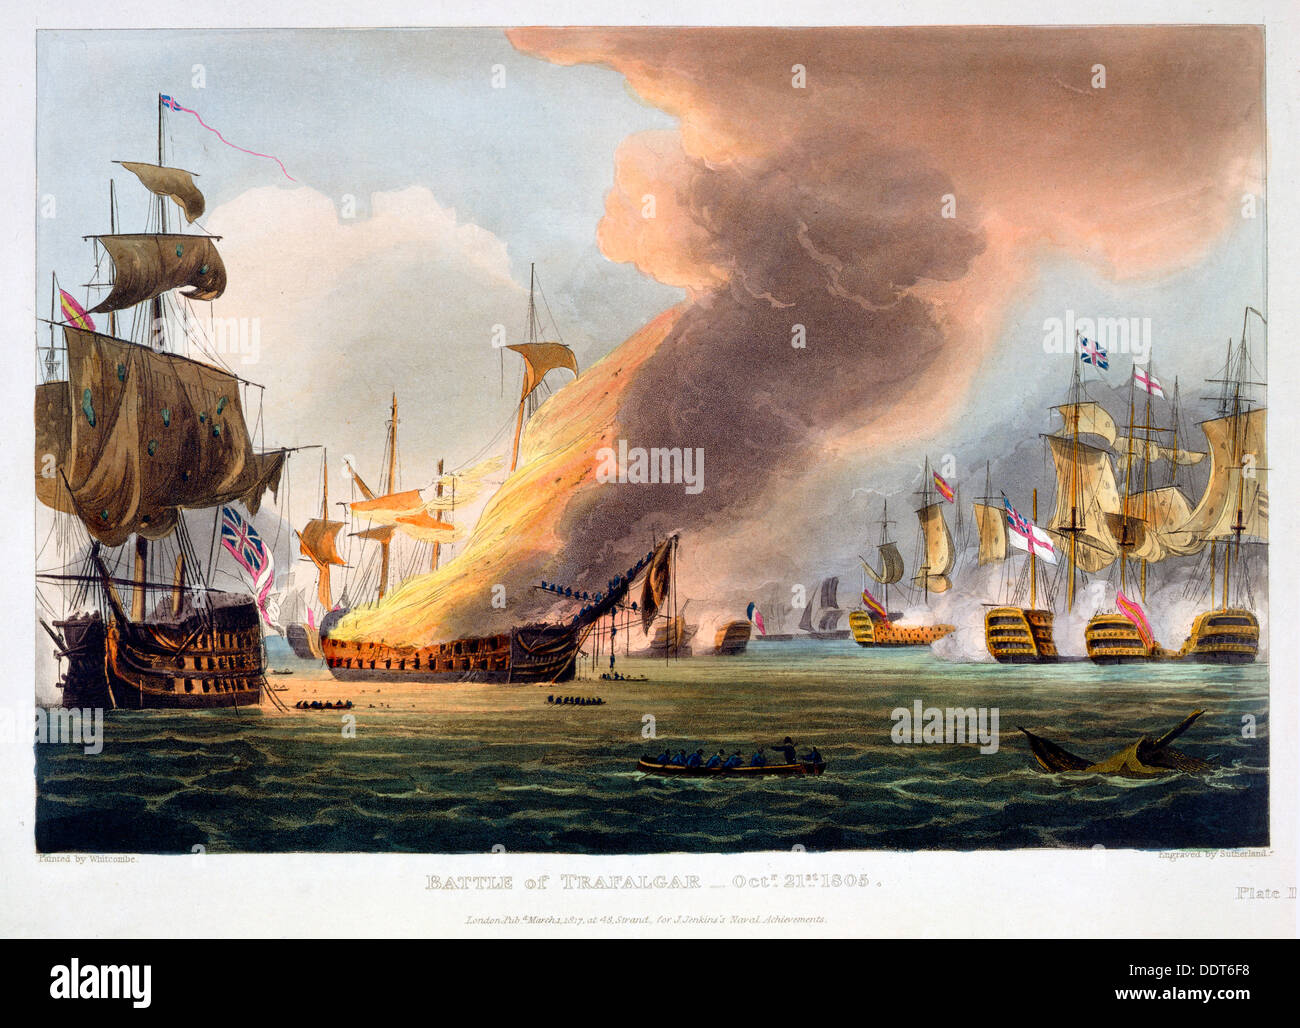 La batalla de Trafalgar, el 21 de octubre de 1805 (1816). Artista: Thomas Sutherland Imagen De Stock